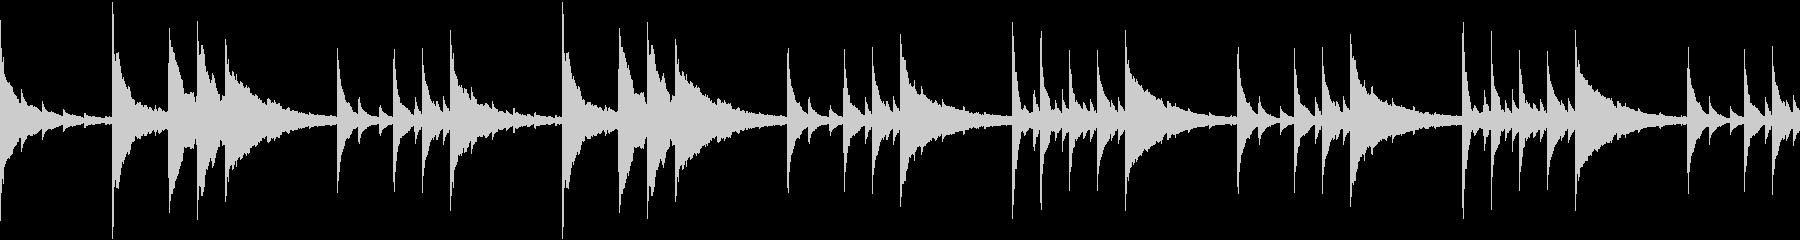 切ないピアノ楽曲(ループ仕様)の未再生の波形